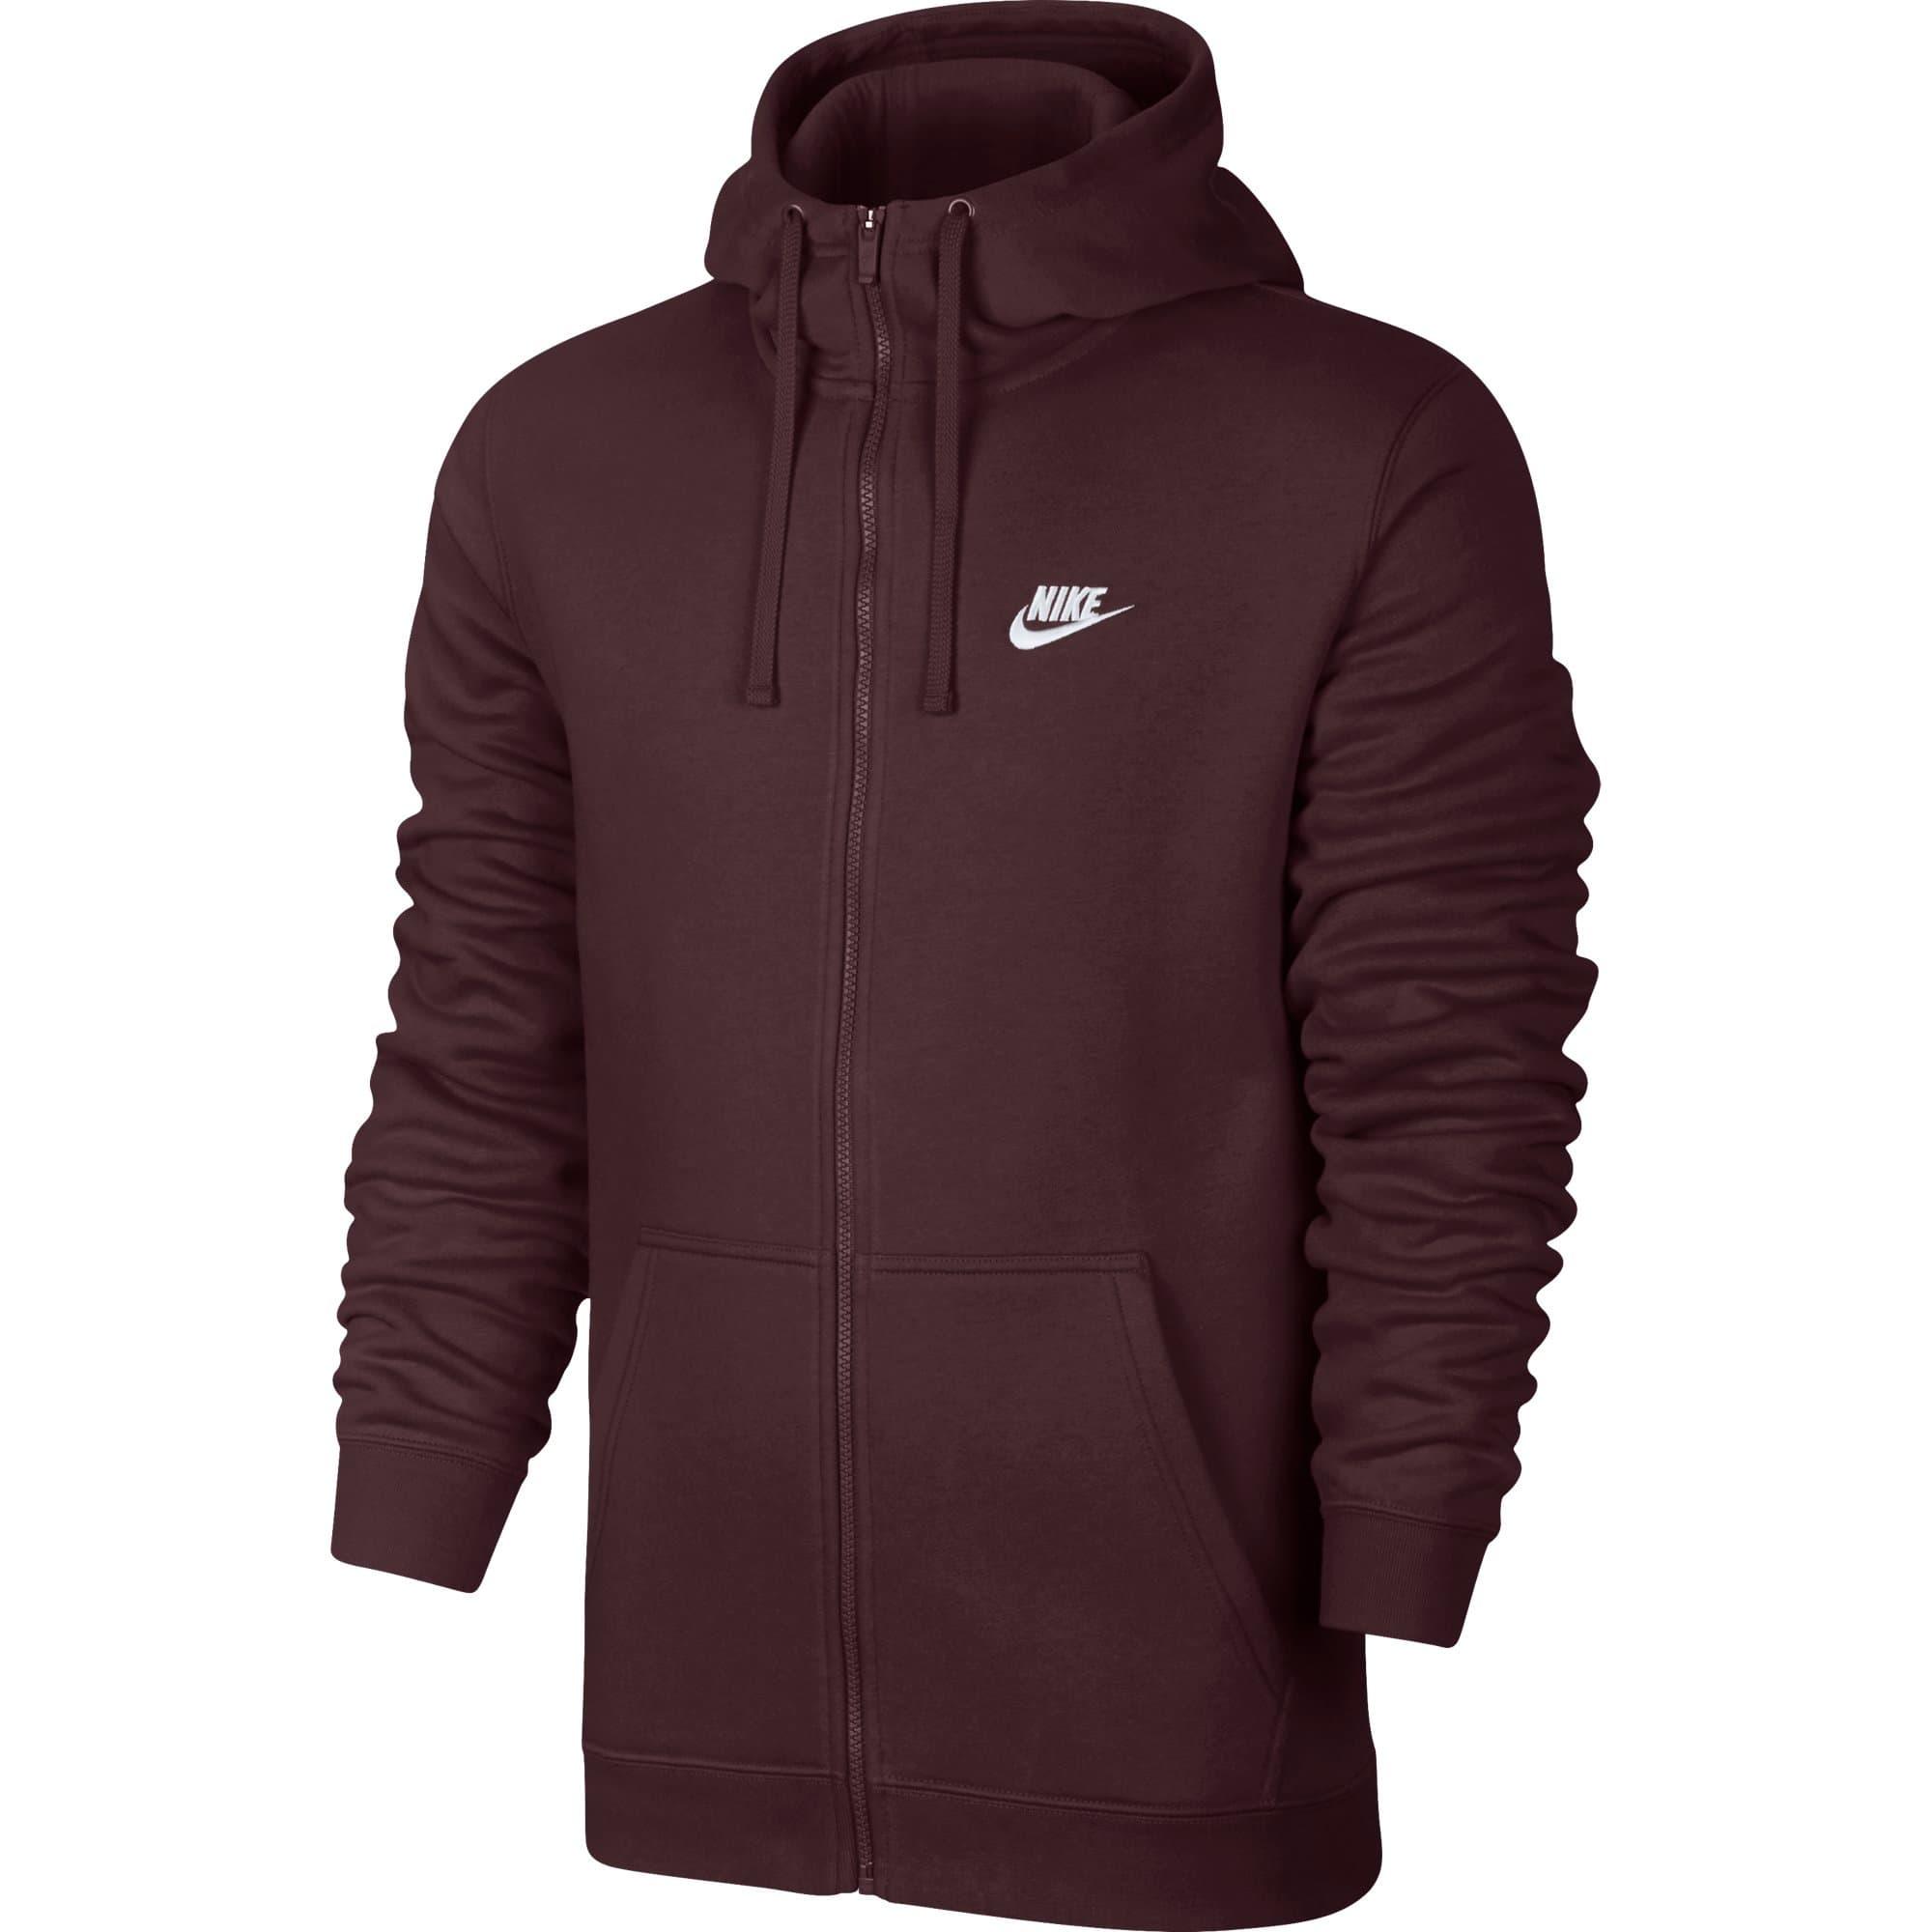 Nike Veste Capuche Pour Men Migros Homme À Hoodie Sportswear qrwr4gt